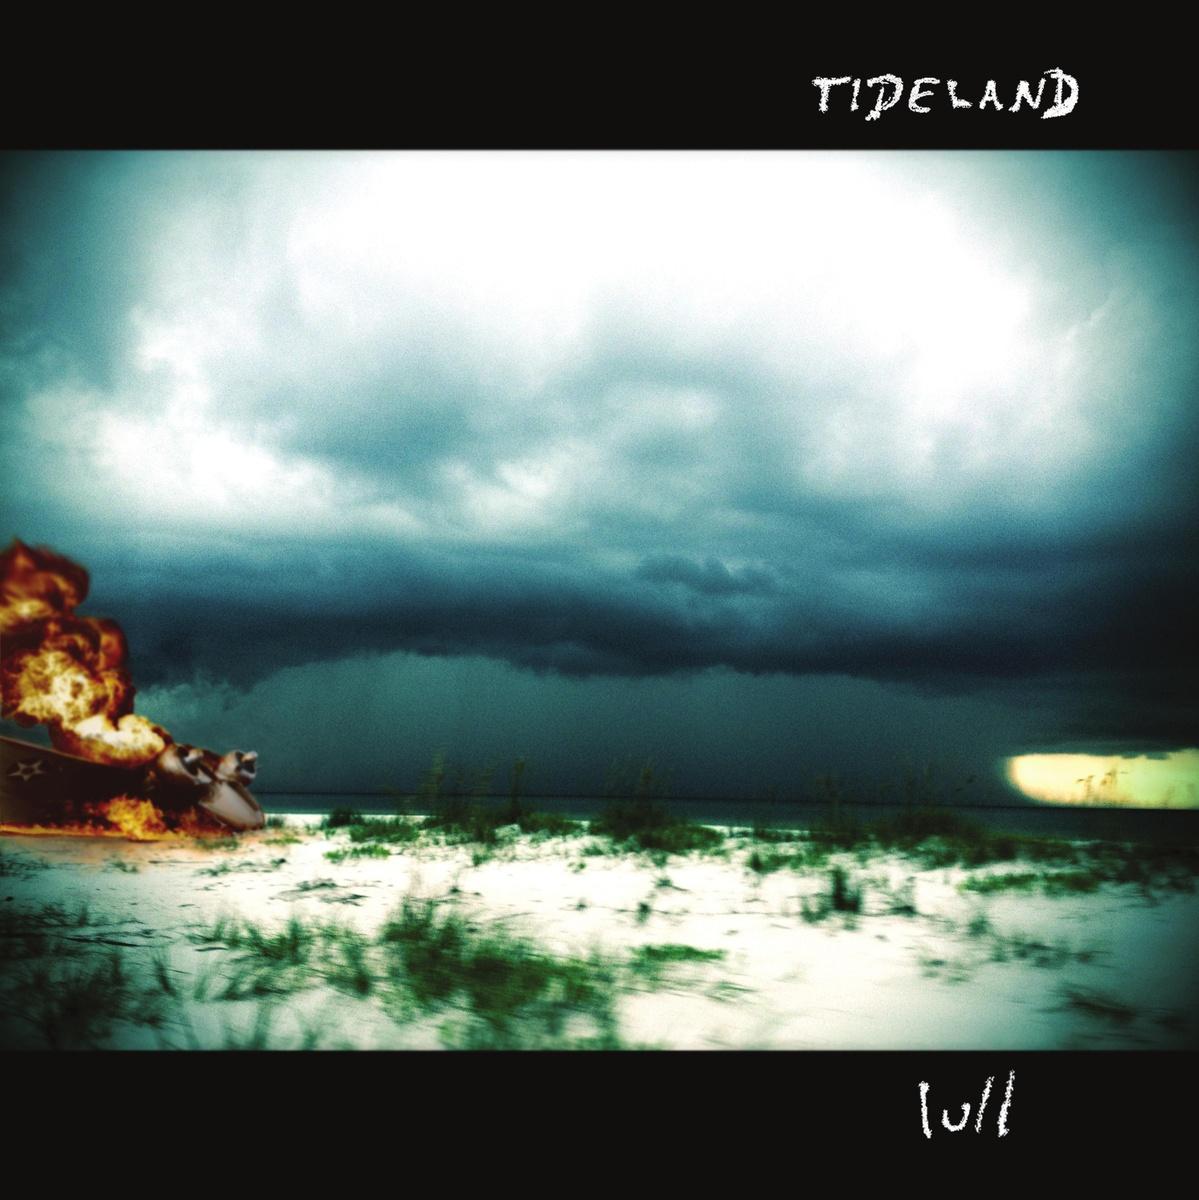 Tideland - Lull